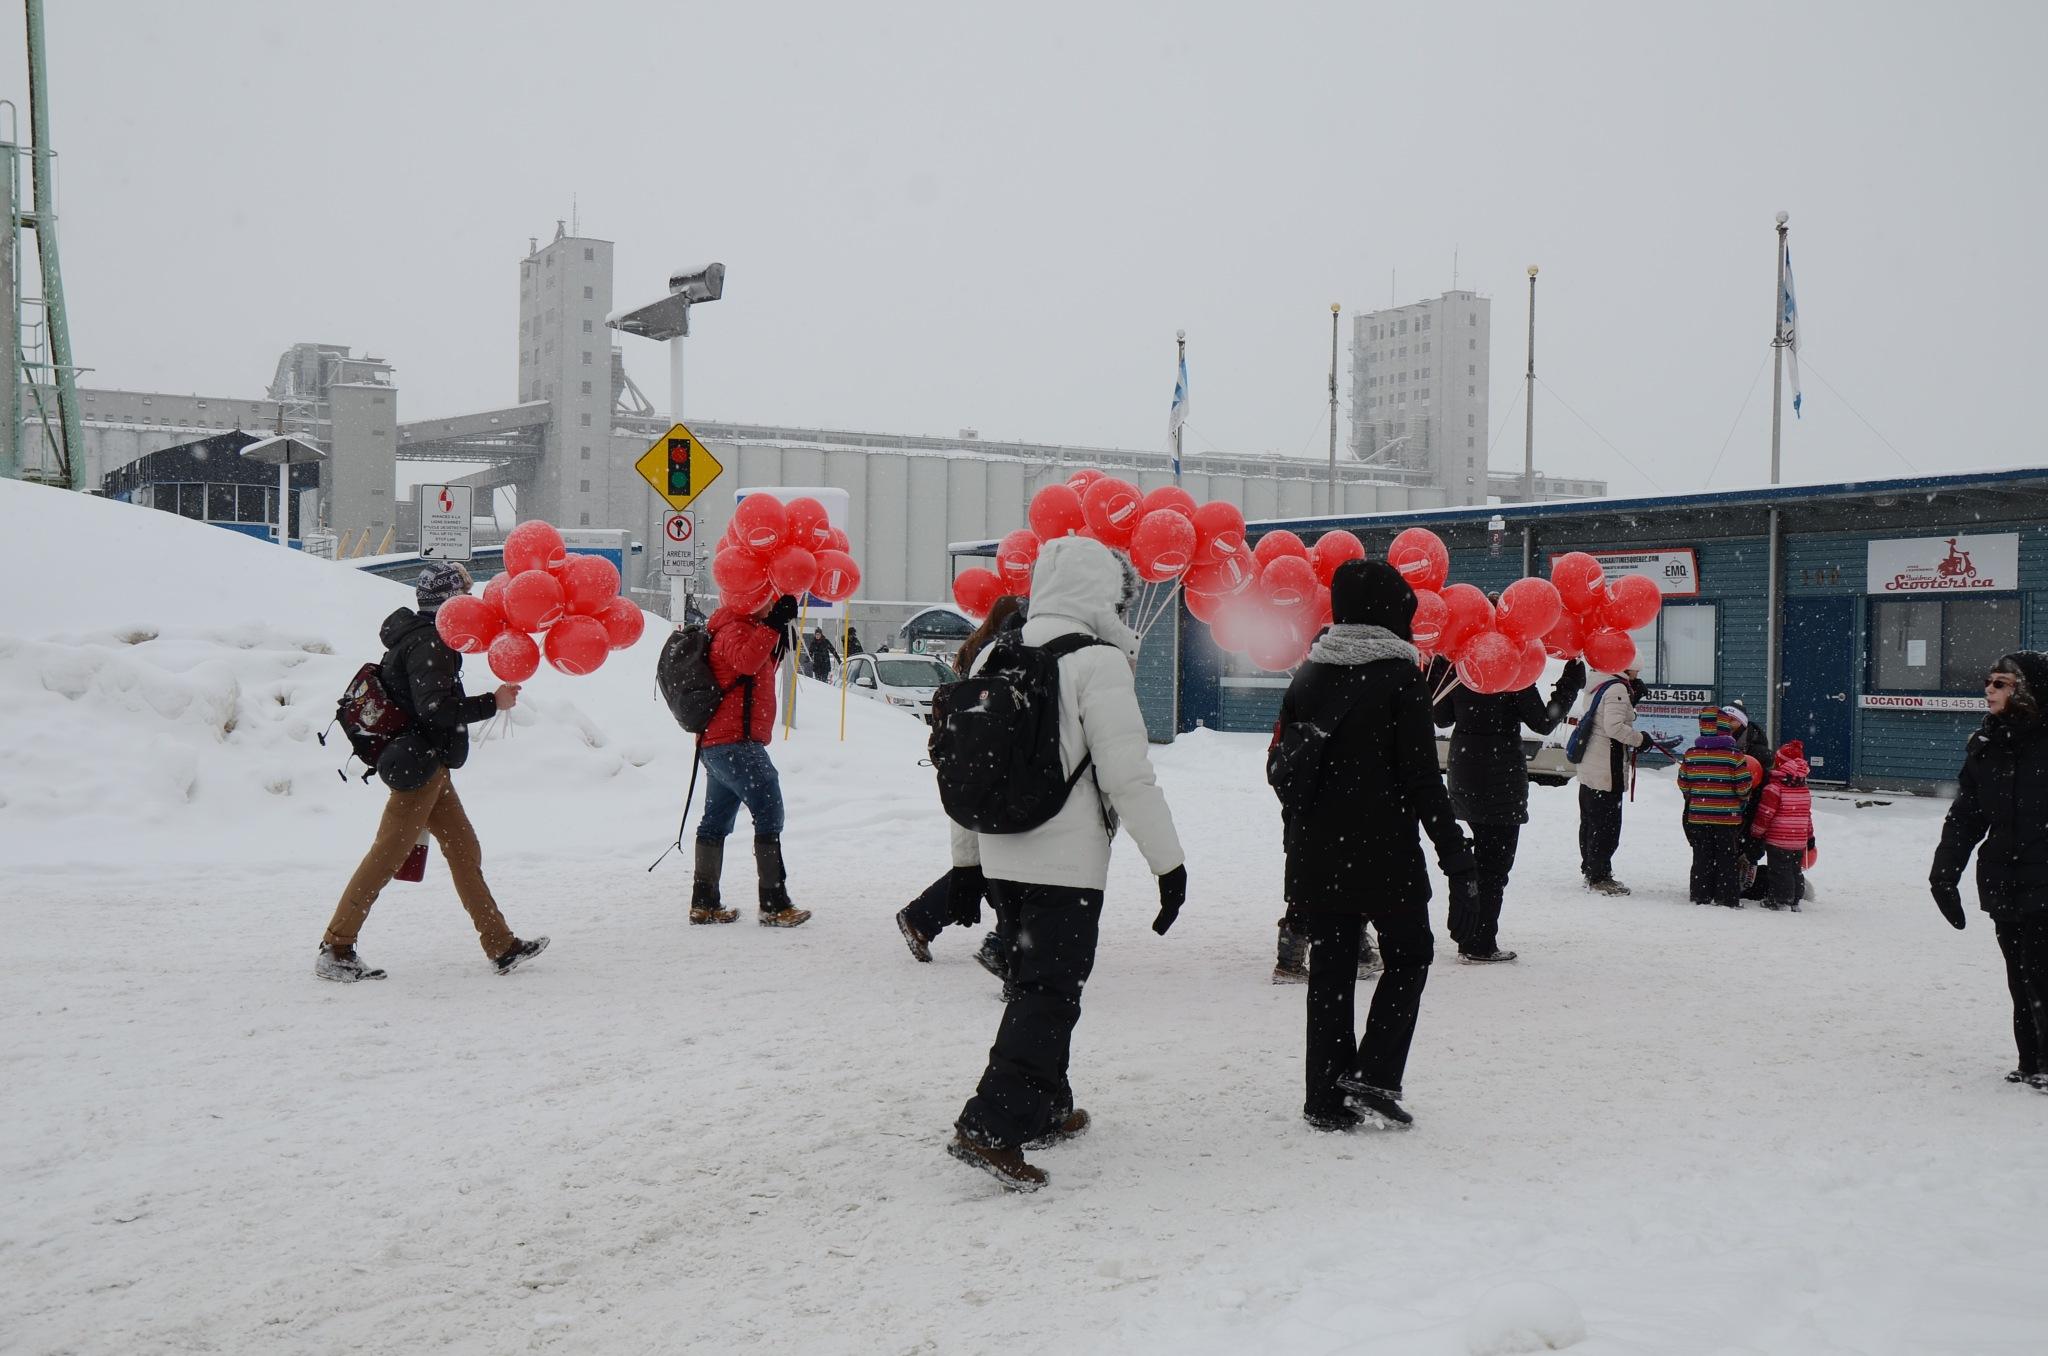 La parade et distribution de ballons by real.michaud.5036